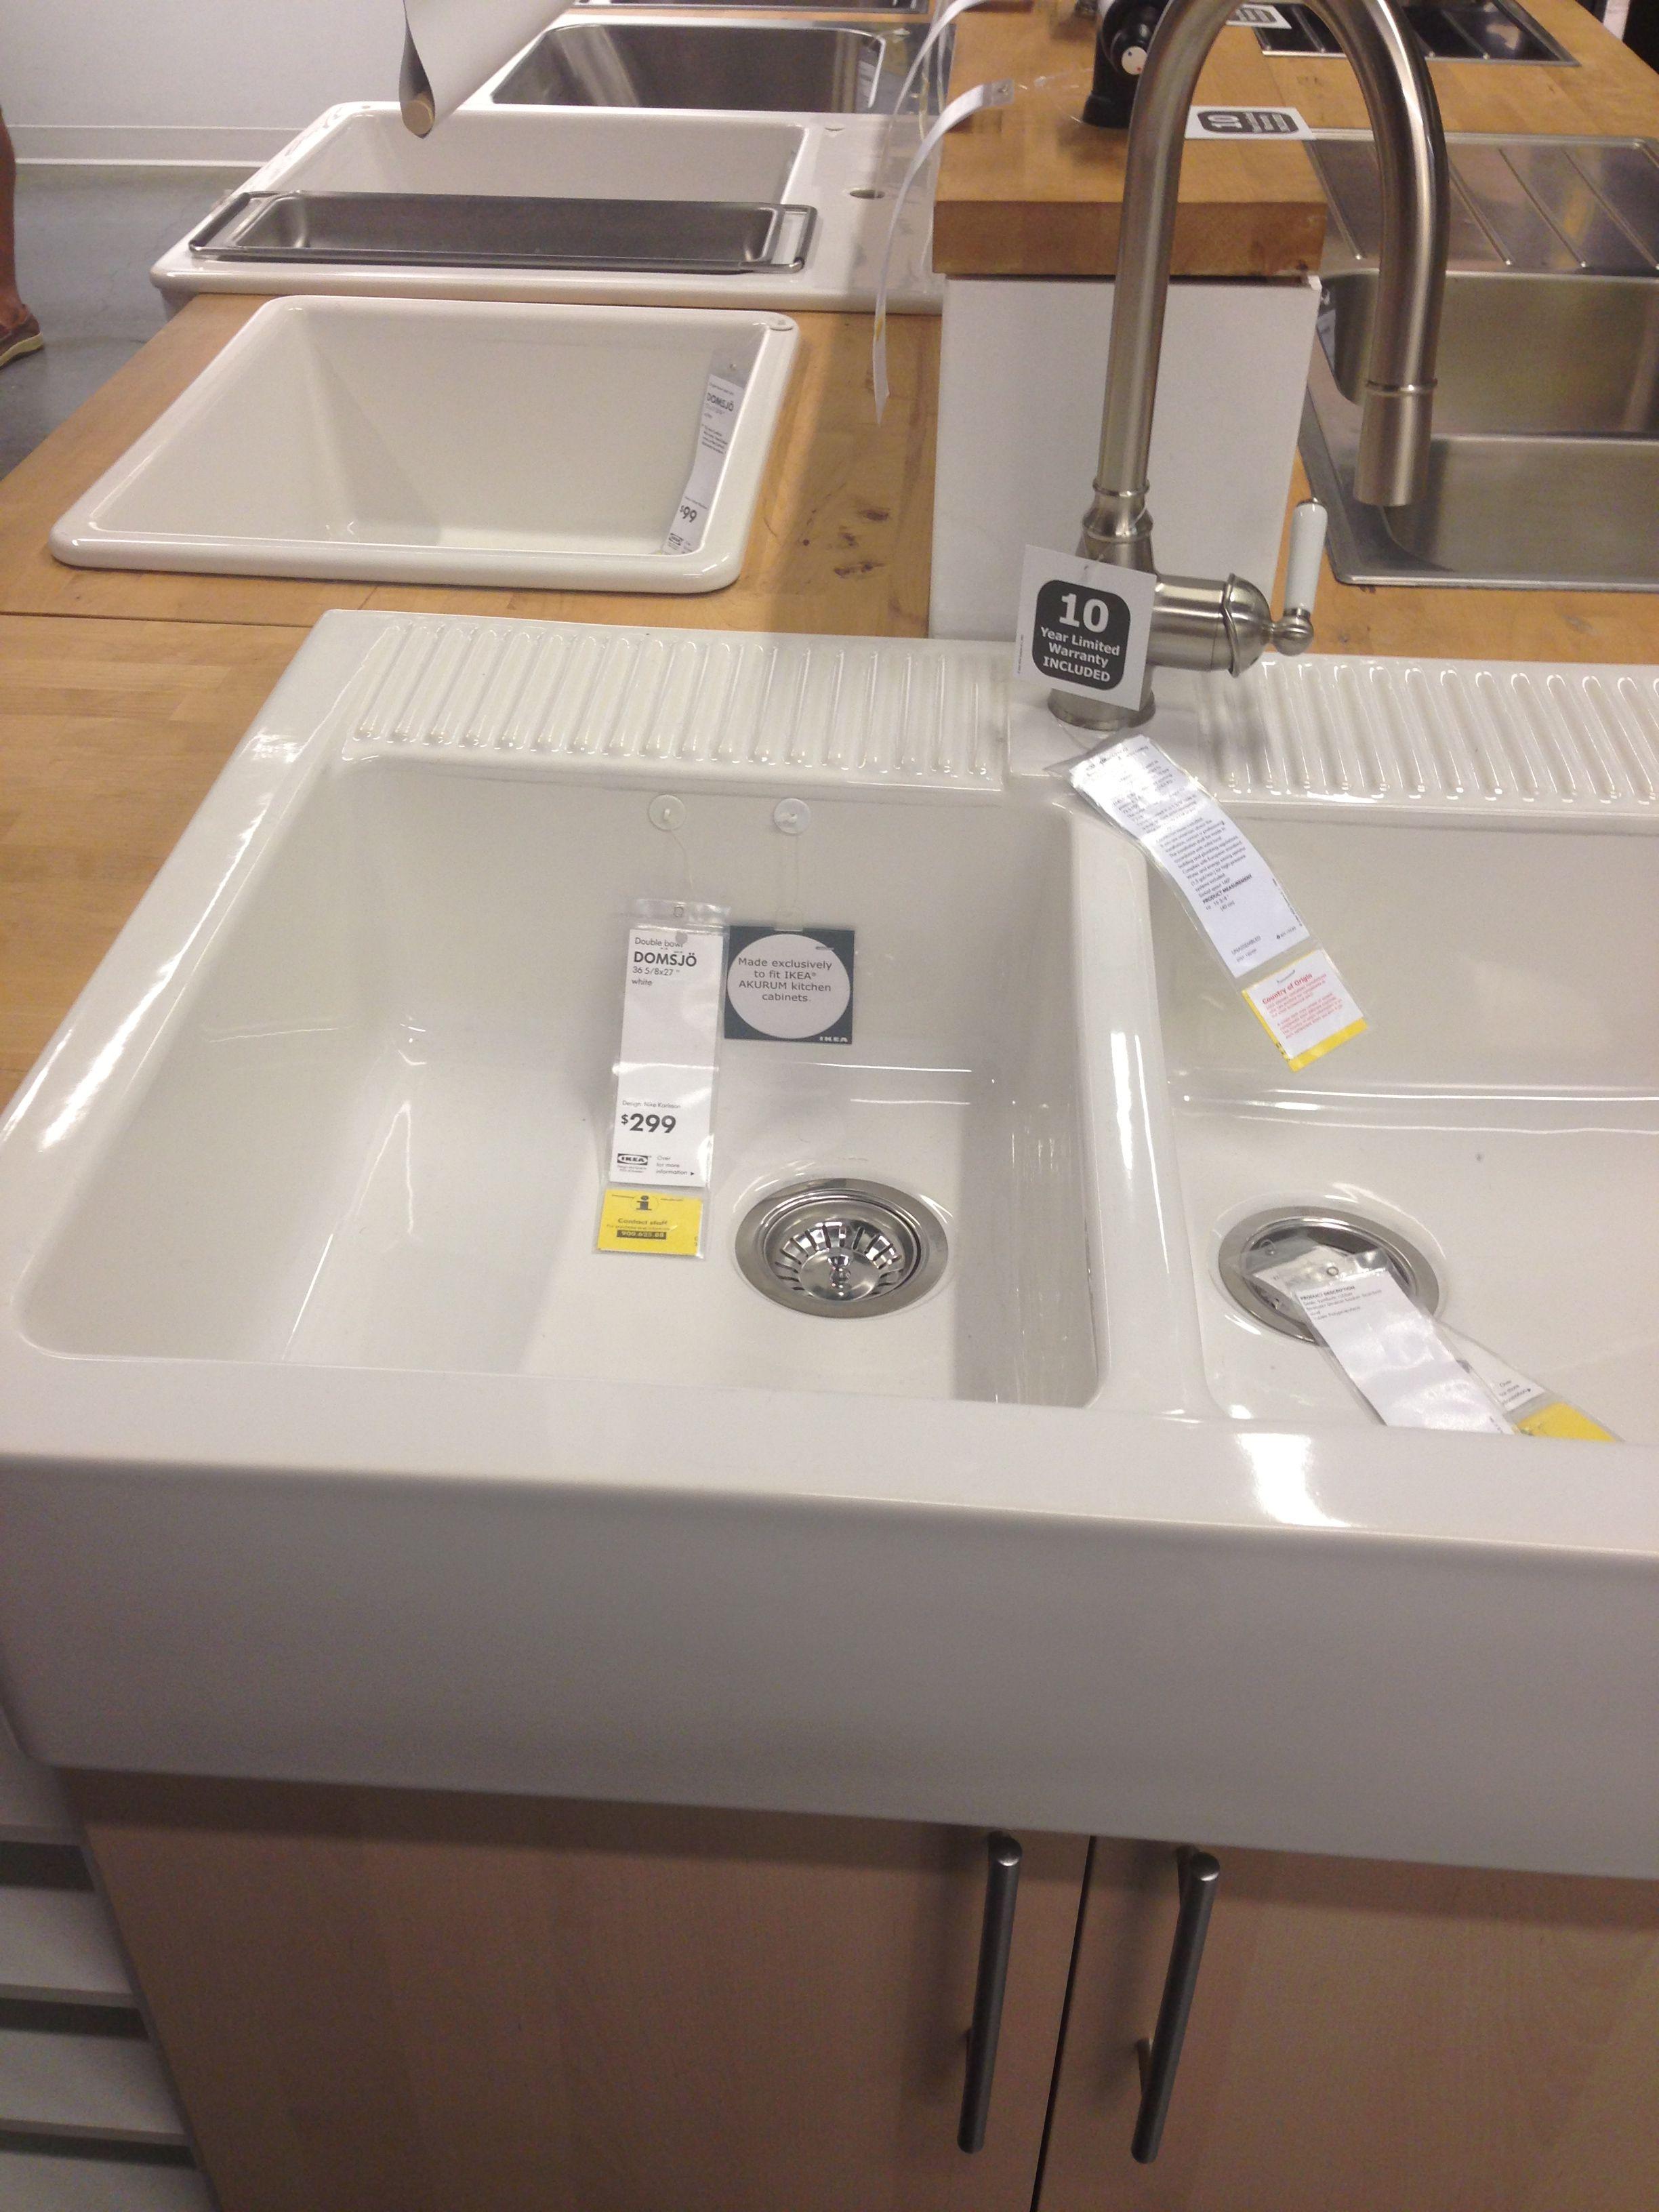 Domsjo Sink Ikea $299